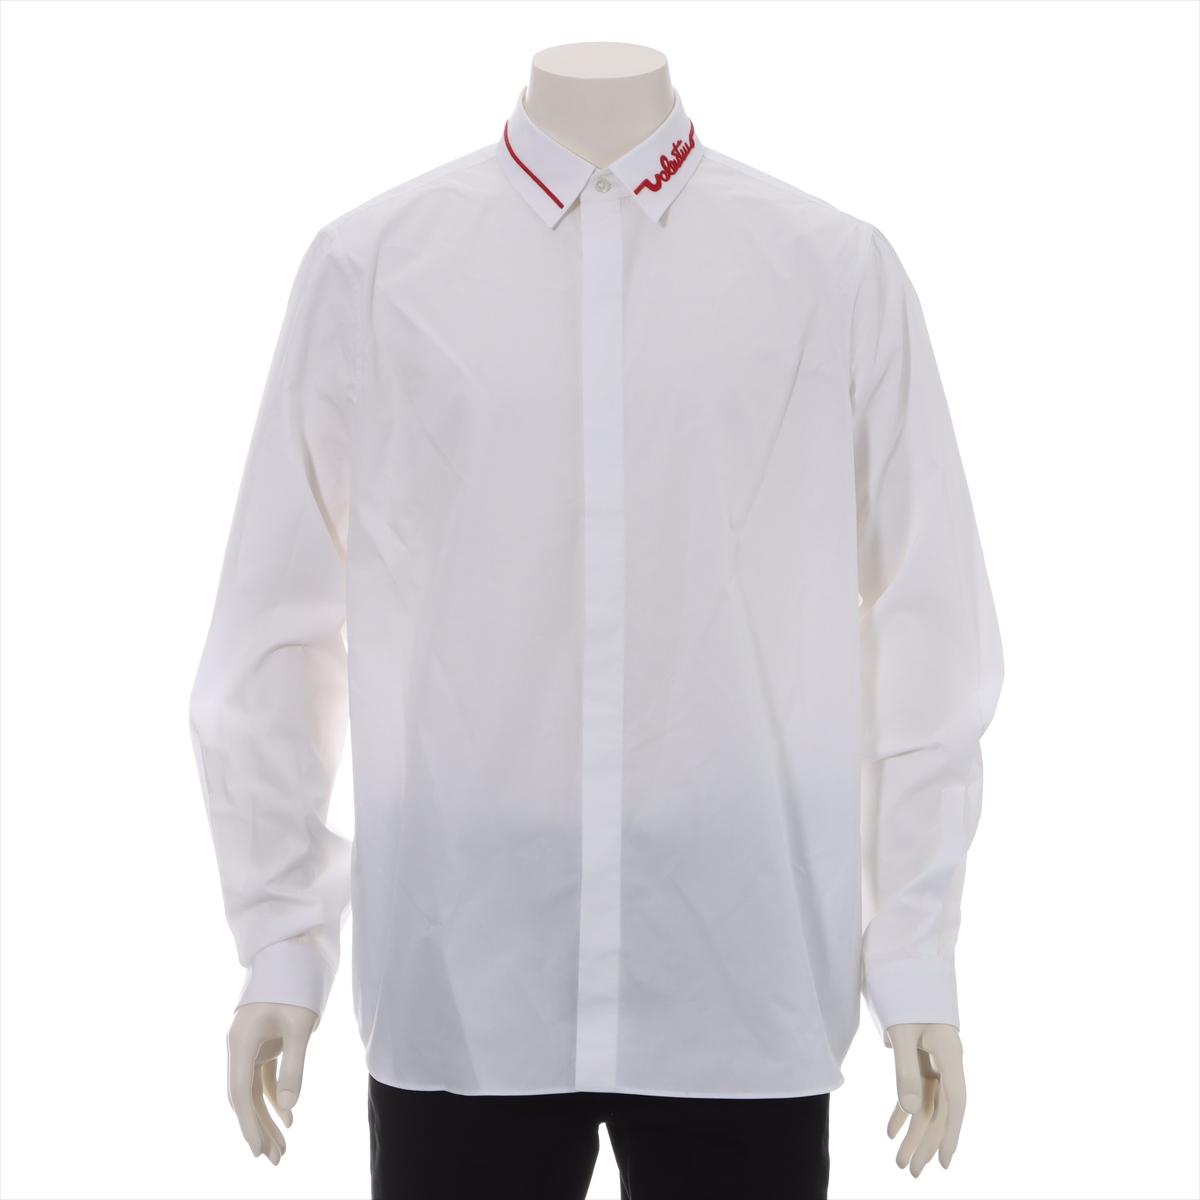 中古 休日 ヴァレンティノ コットン シャツ セール特別価格 ホワイト メンズ ロゴビジュー 42